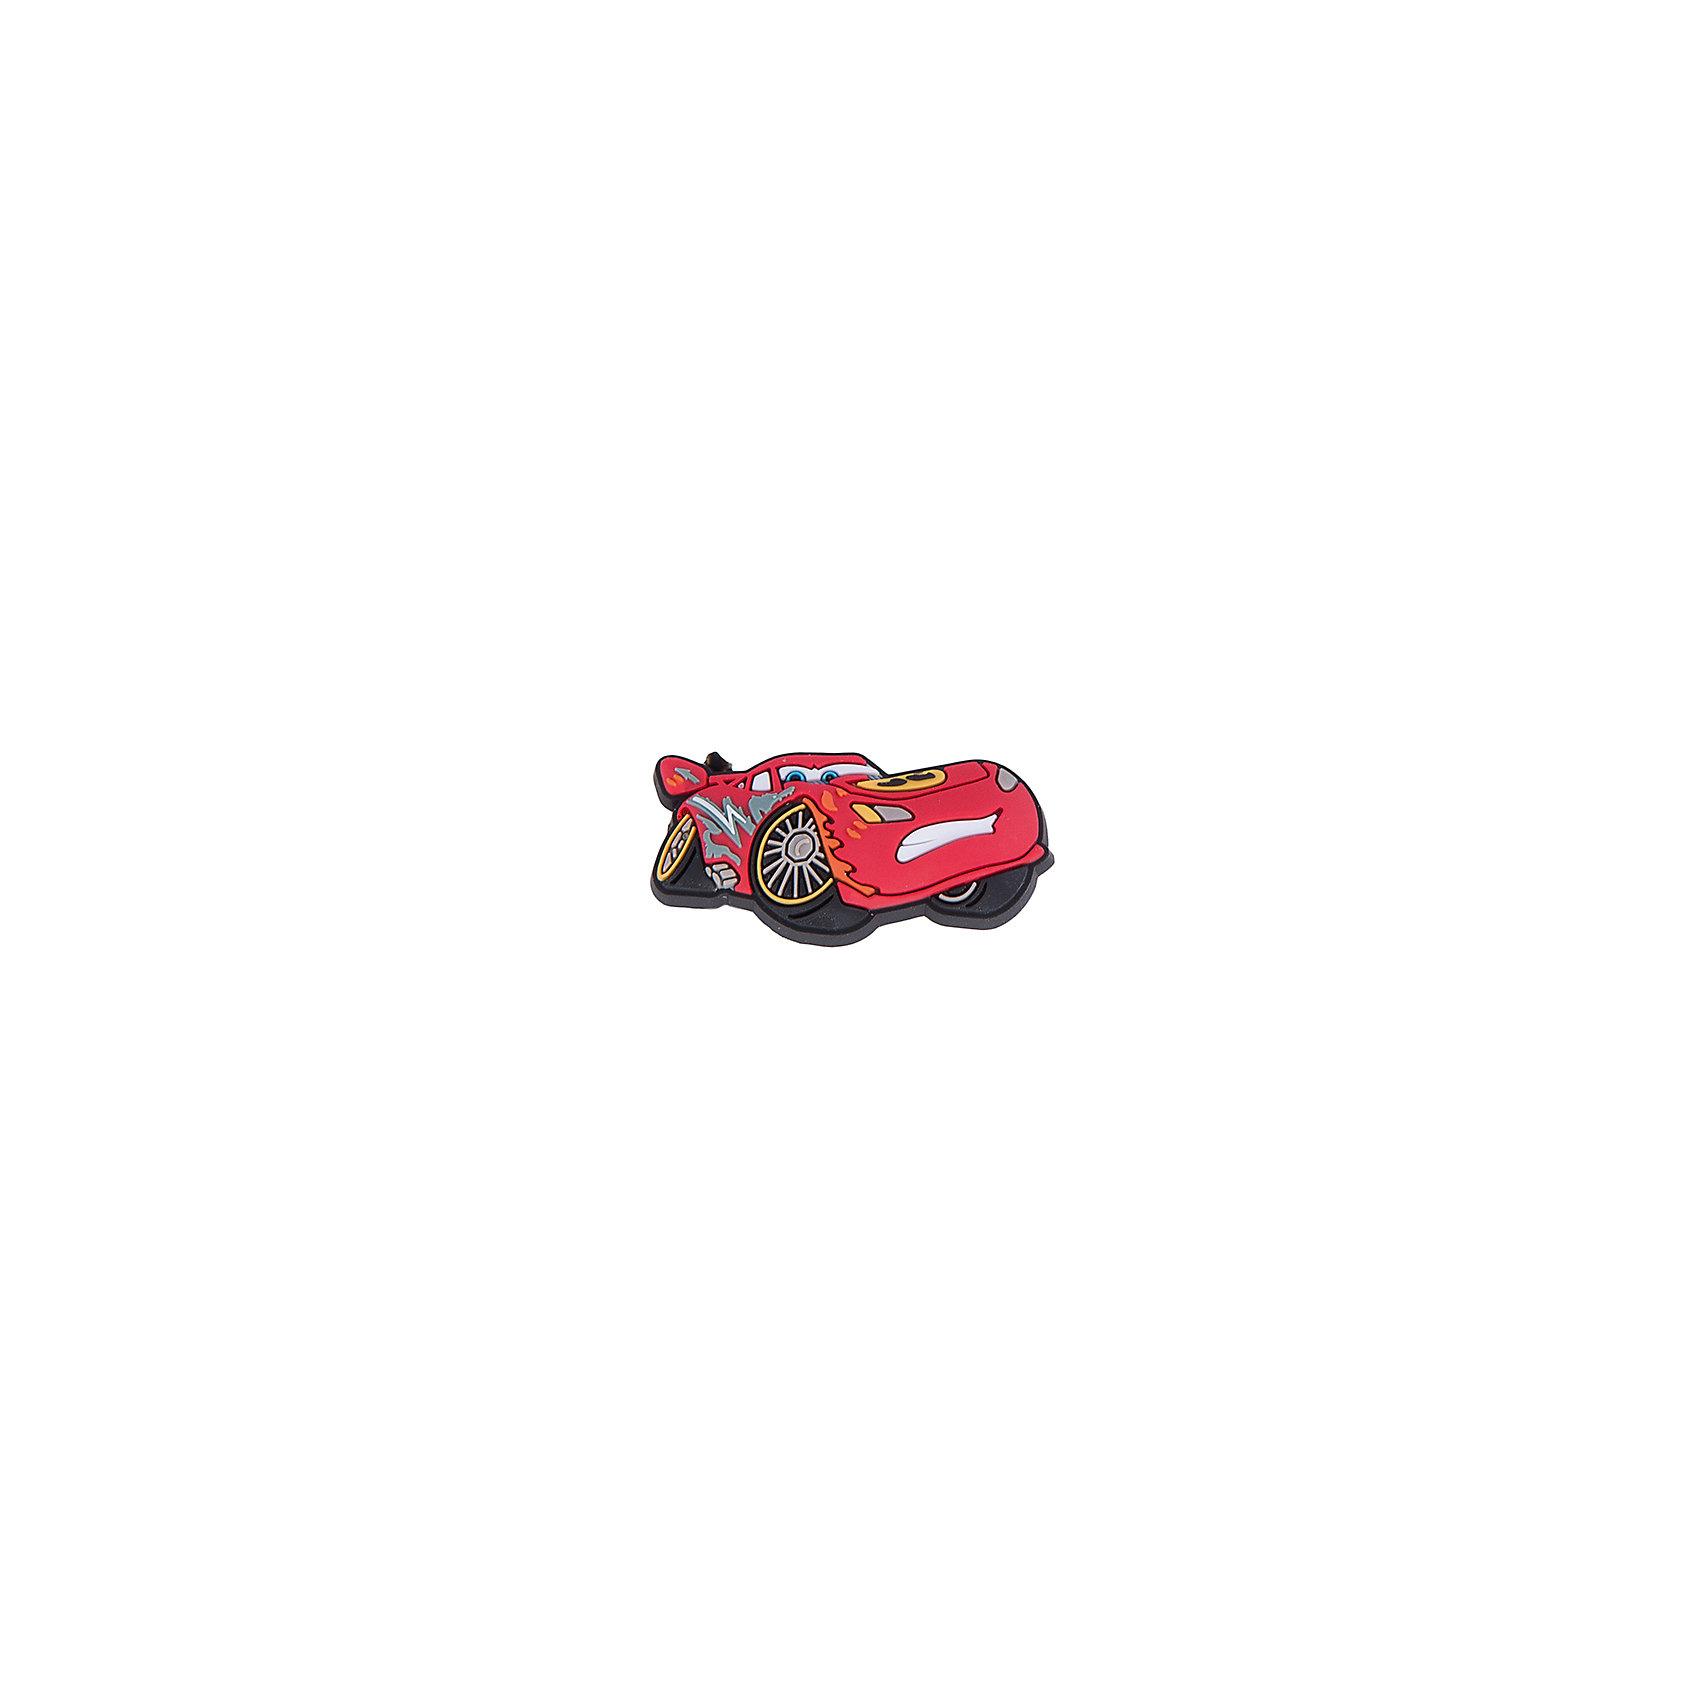 crocs Украшение для сабо Crocs FH16 Cars Lightning купить crocs в америке с доставкой в россию